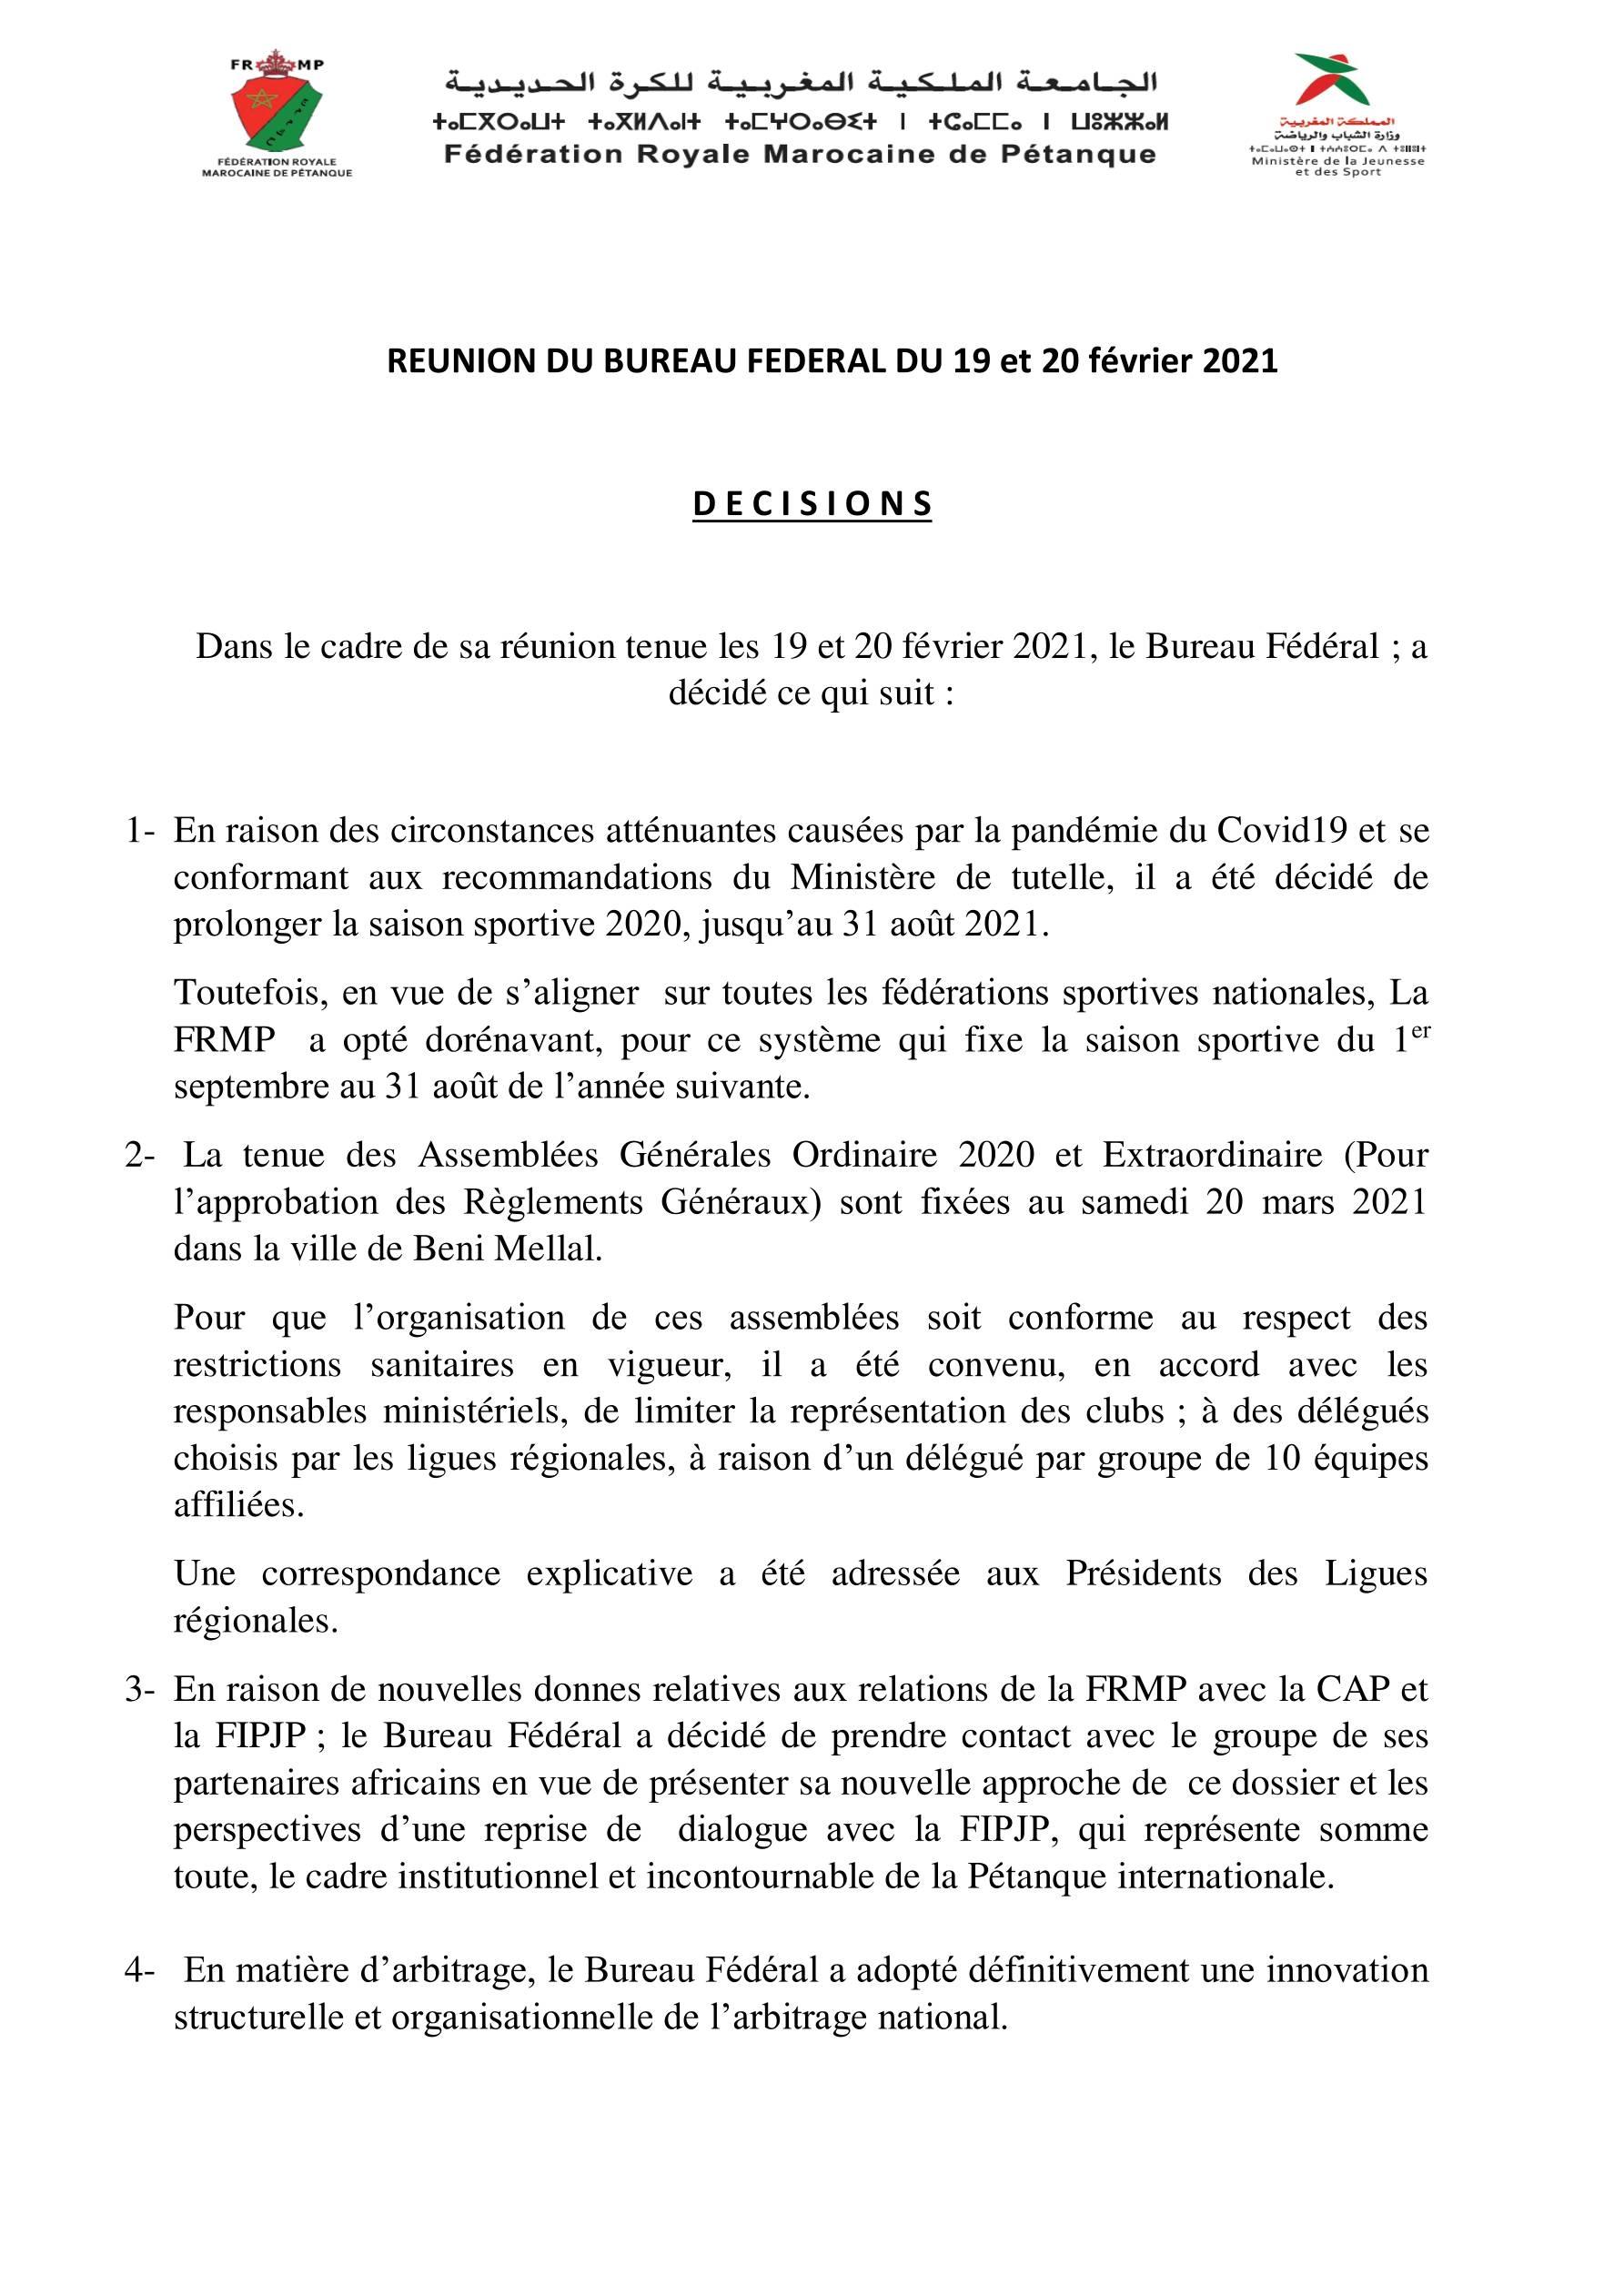 ILes décisions de la réunion du bureau fédéral du 19 et 20/02/2021